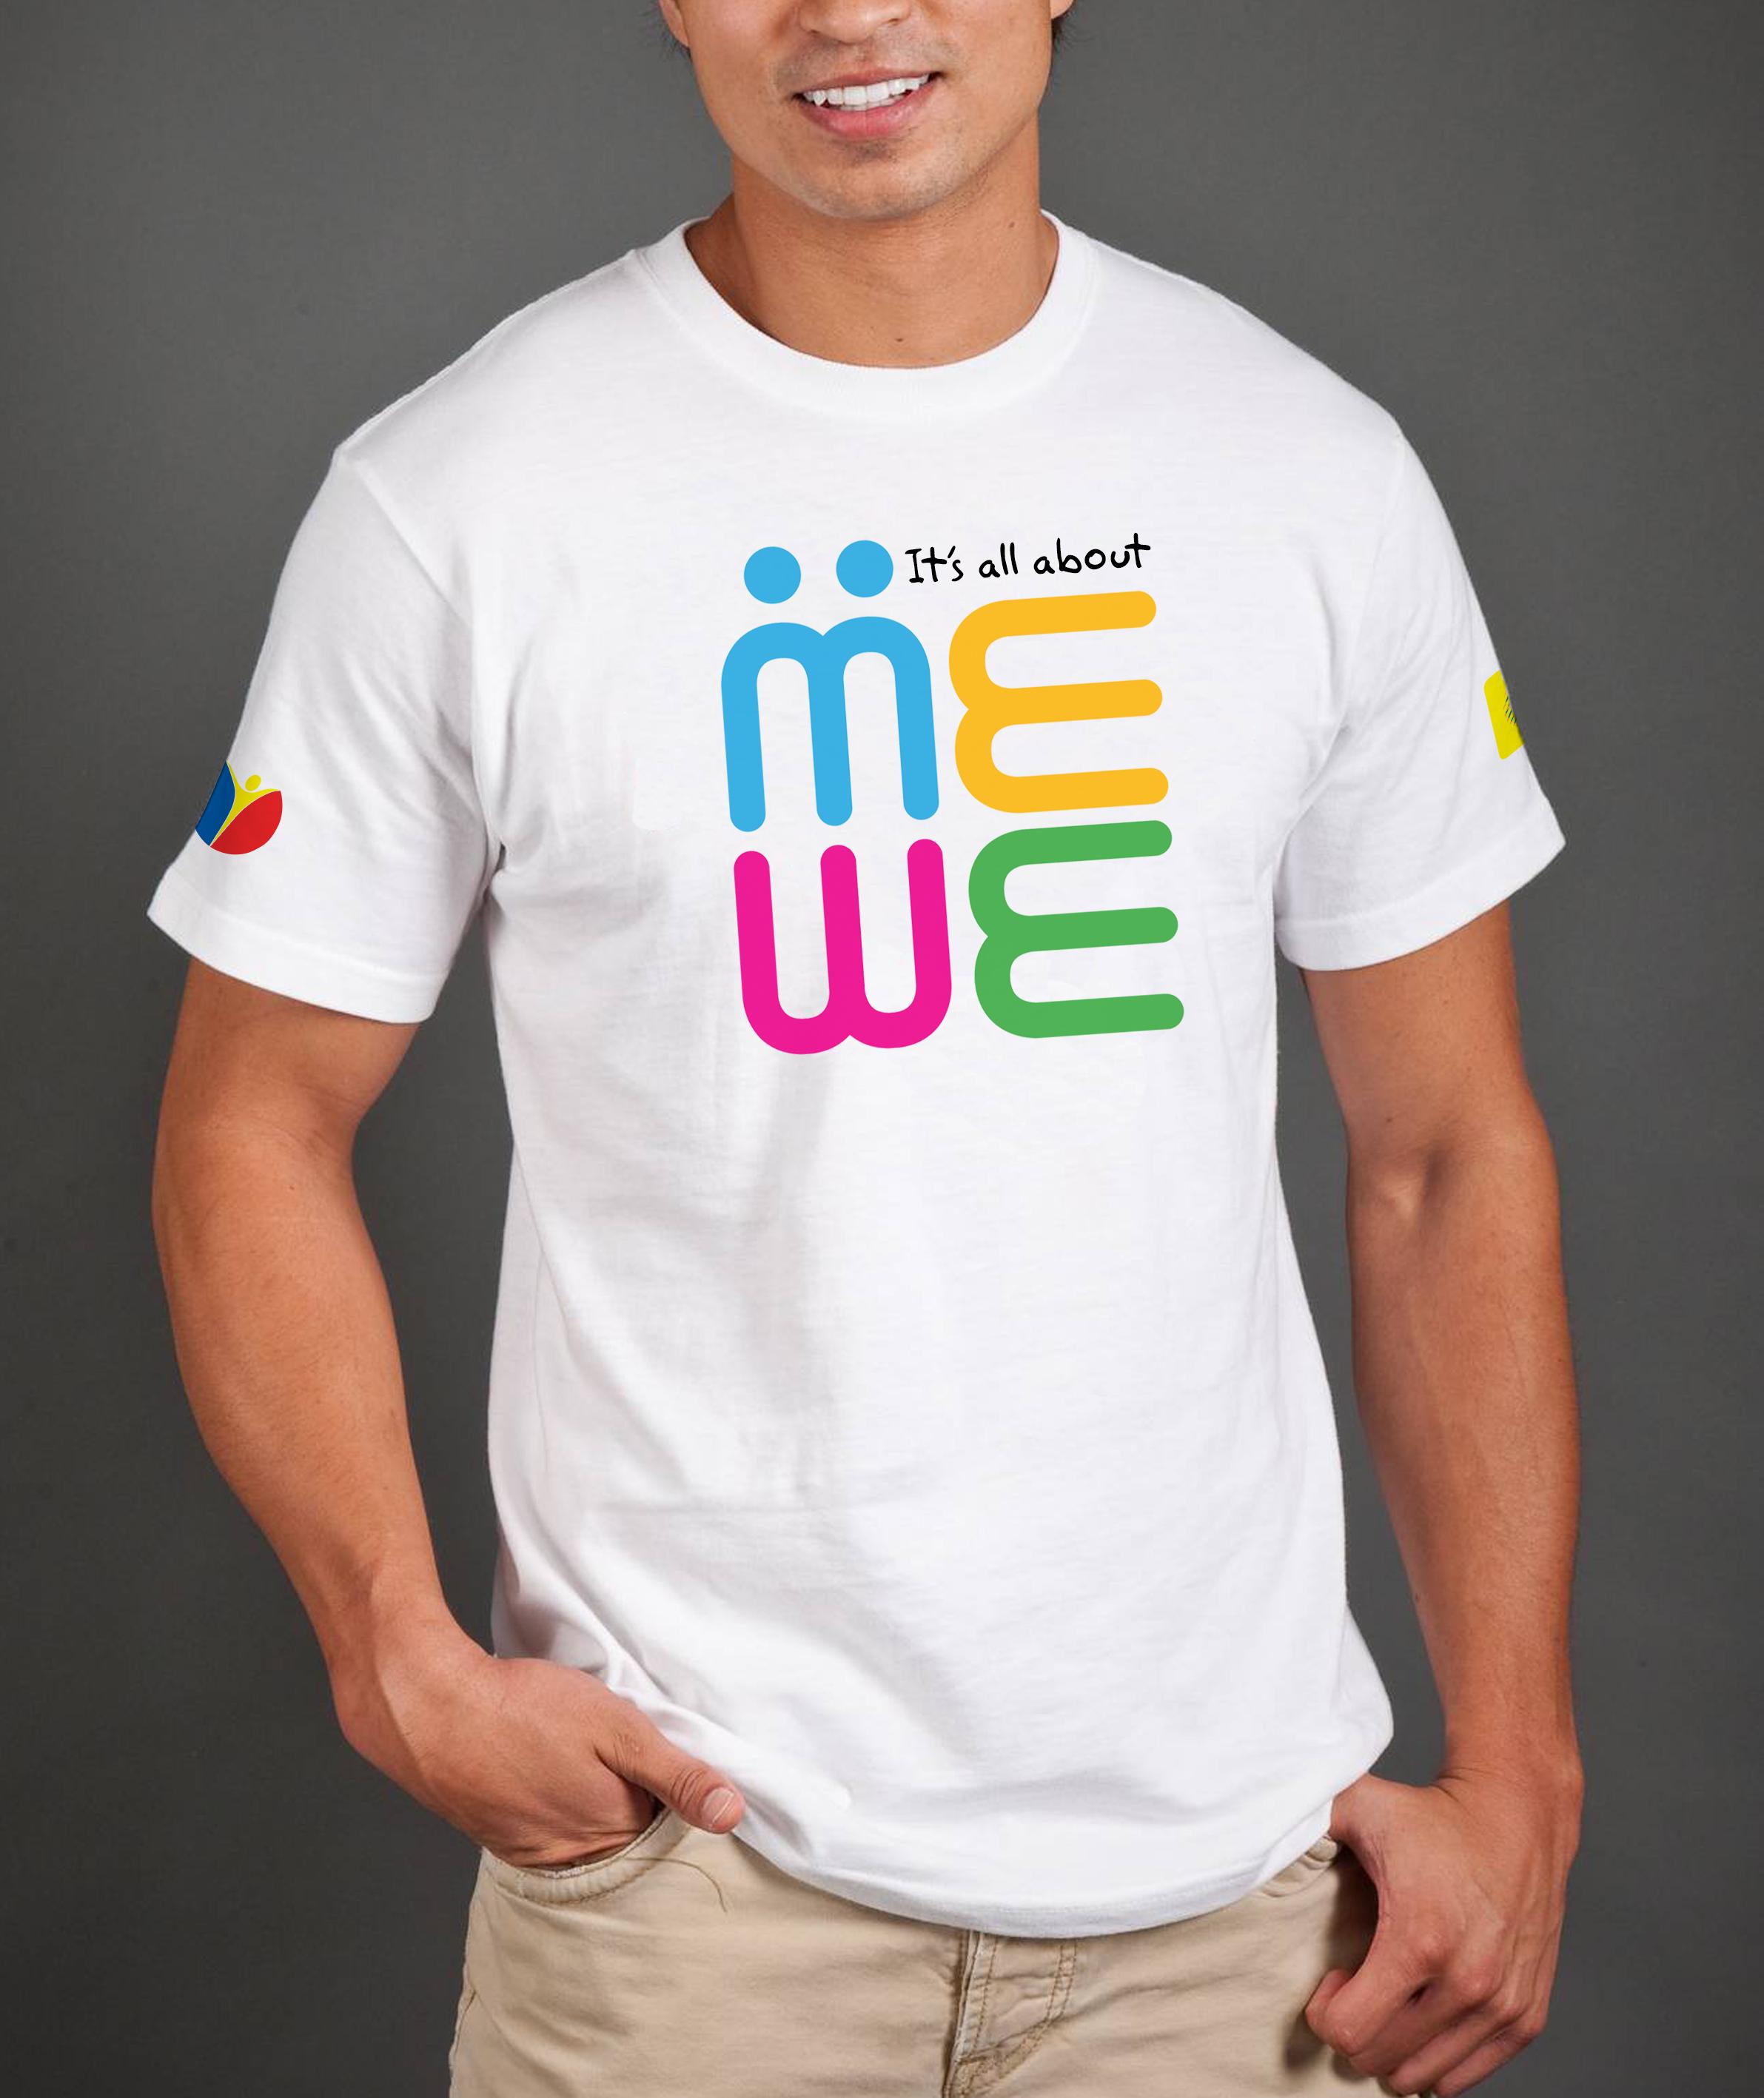 Tshirt_new_2